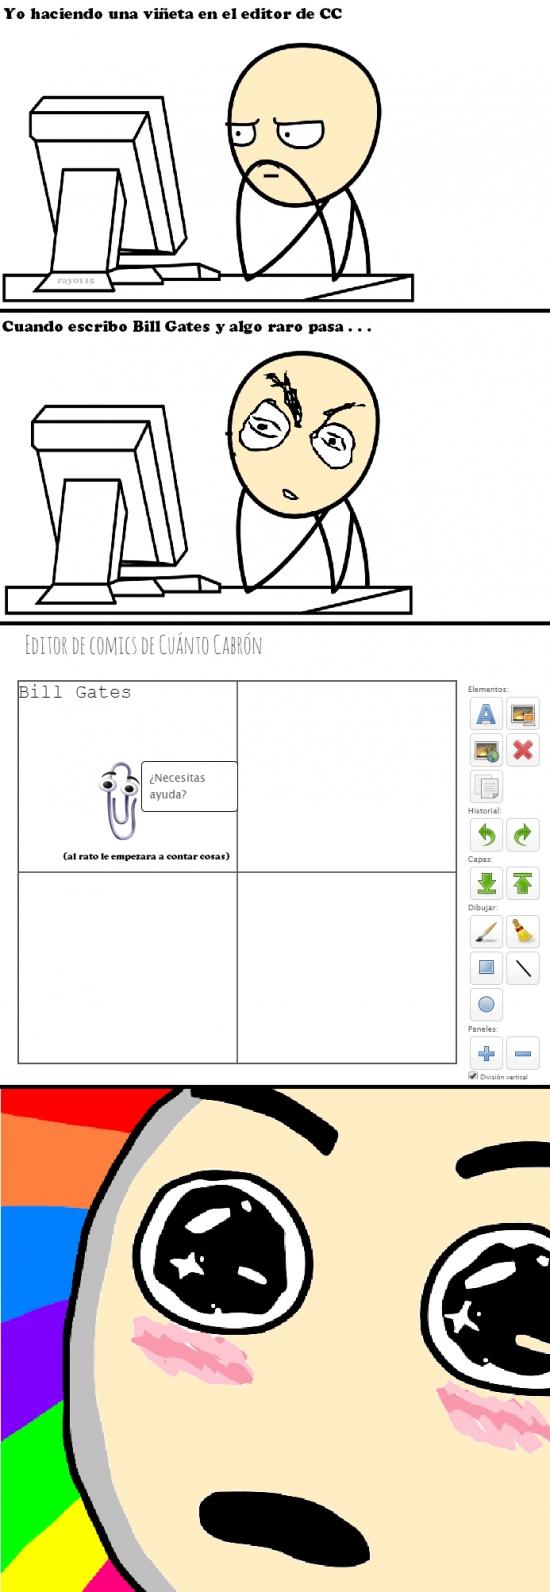 Amazed - ¿Has intentado hacer una viñeta en el editor de CC escribiendo ''Bill Gates''?